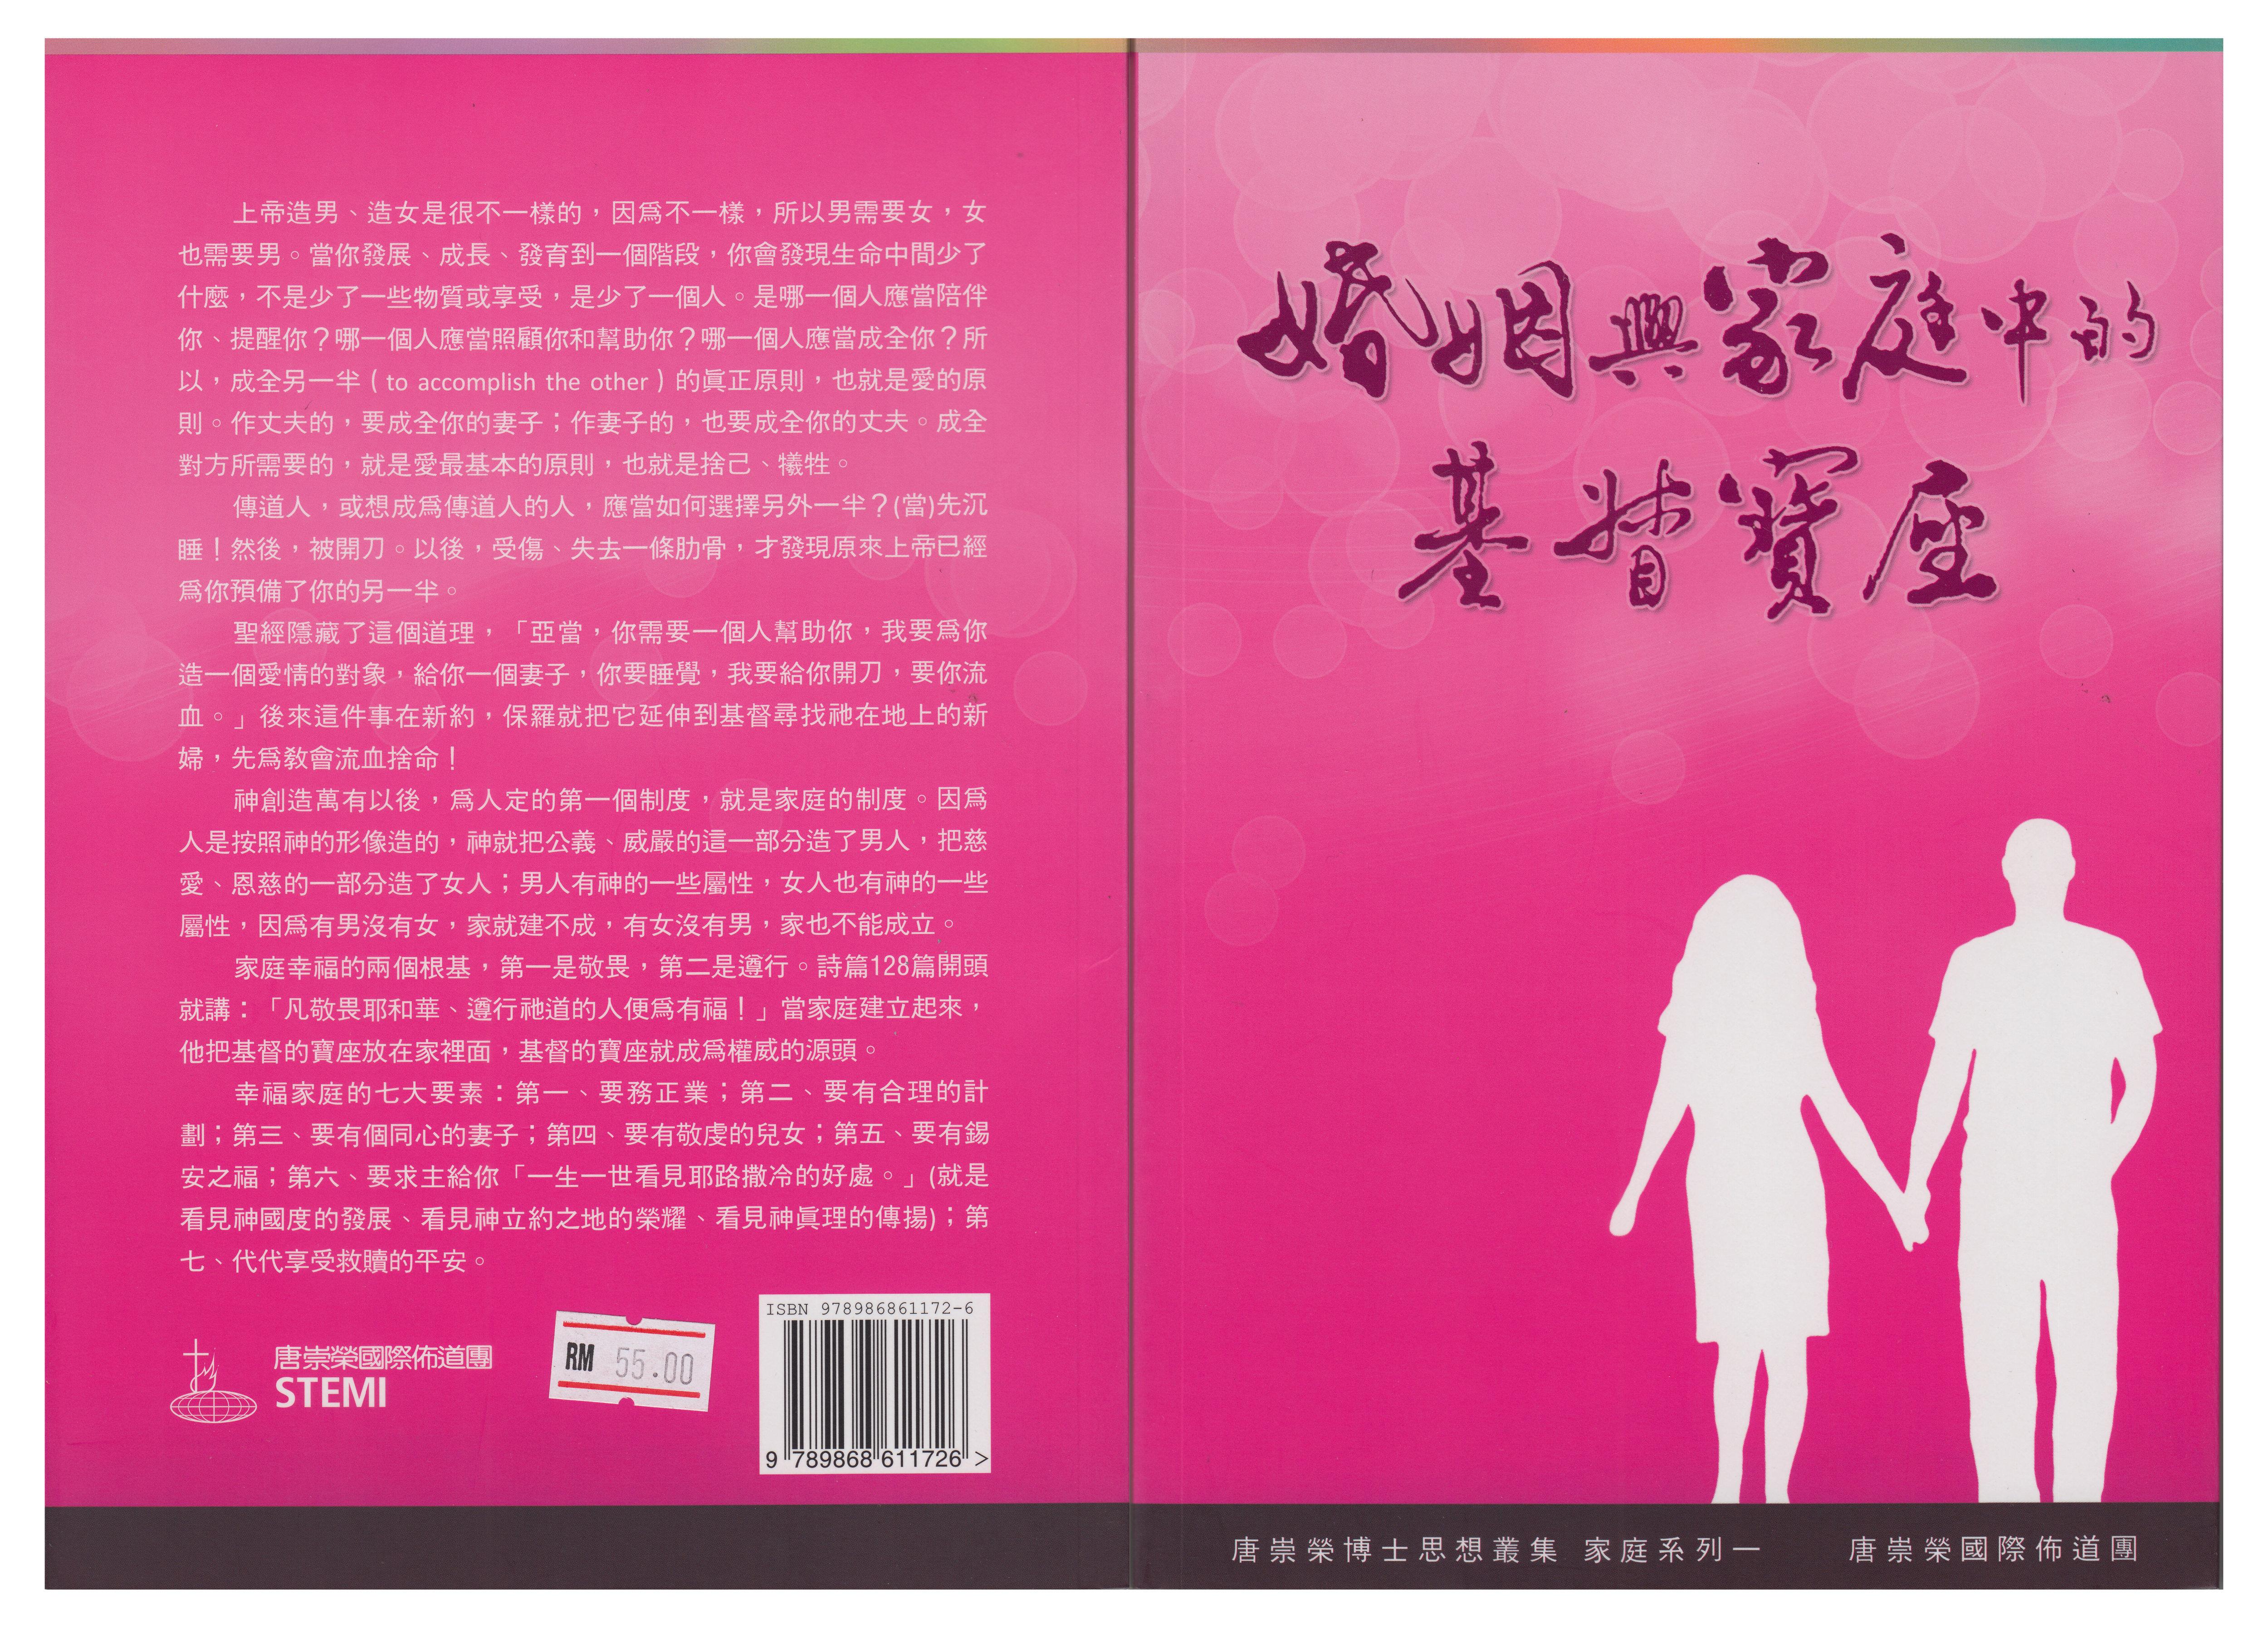 婚姻与家庭中的基督宝座 - 唐崇荣博士思想丛集 - 家庭系列一 - 唐崇荣国际布道团